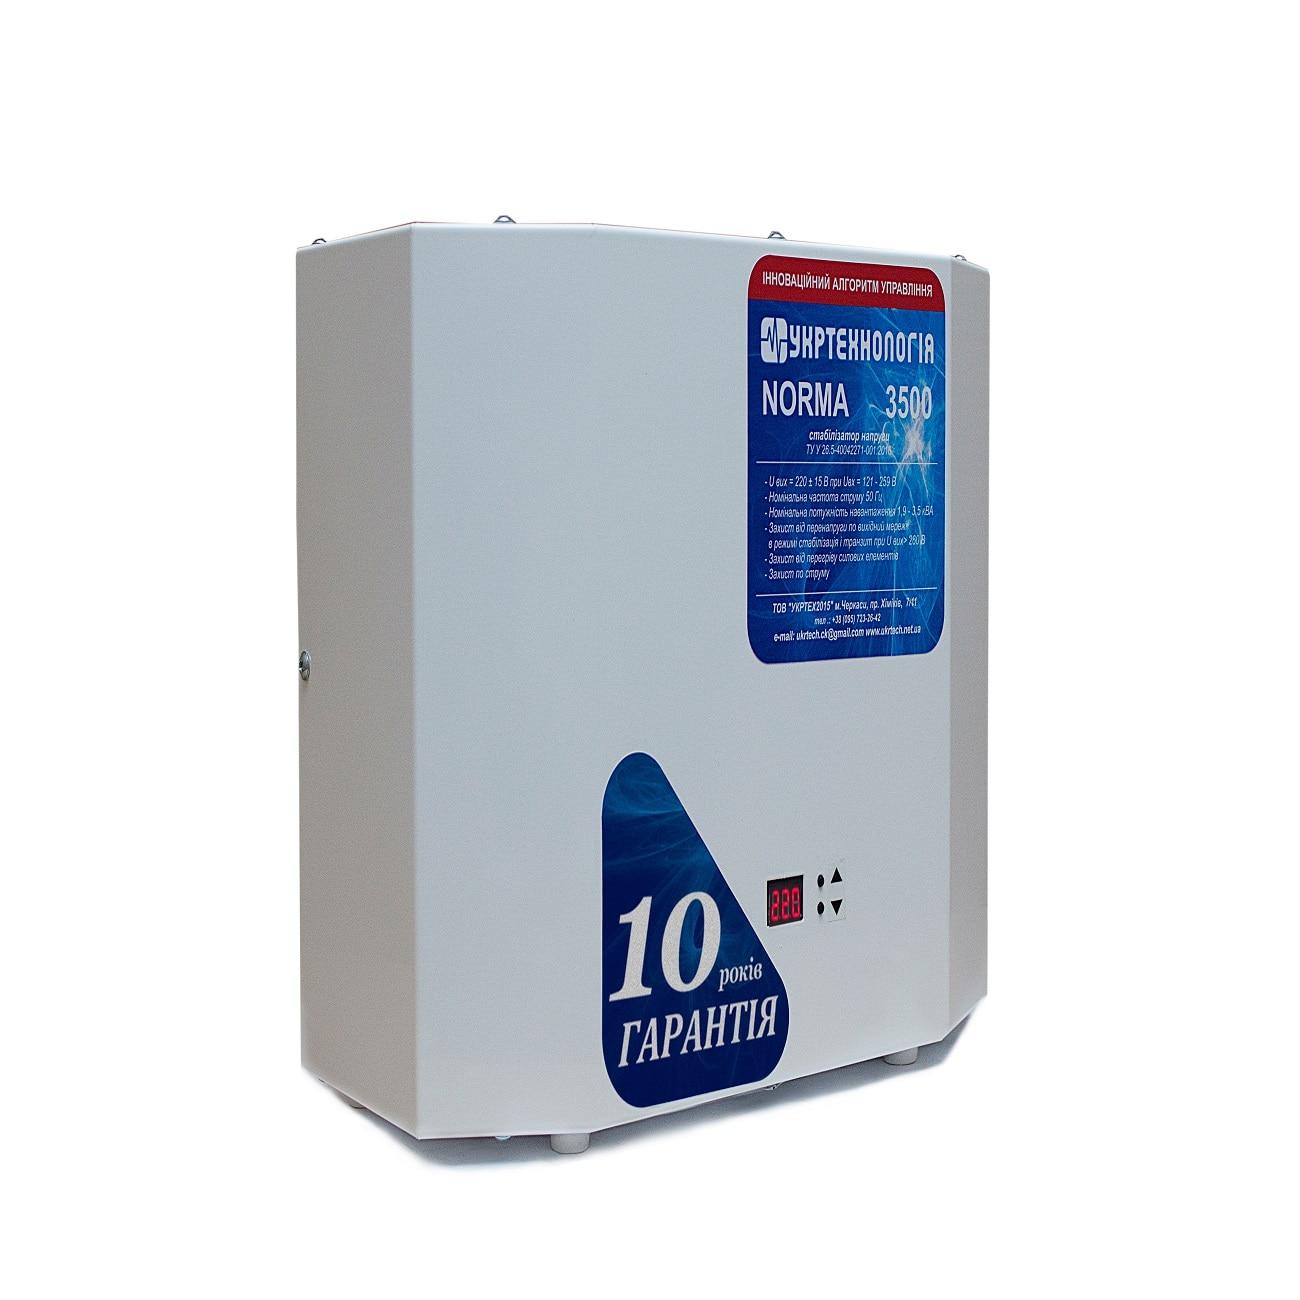 Стабилизаторы напряжения - Стабилизатор напряжения 3,5 кВт NORMA 000001372 - Фото 2